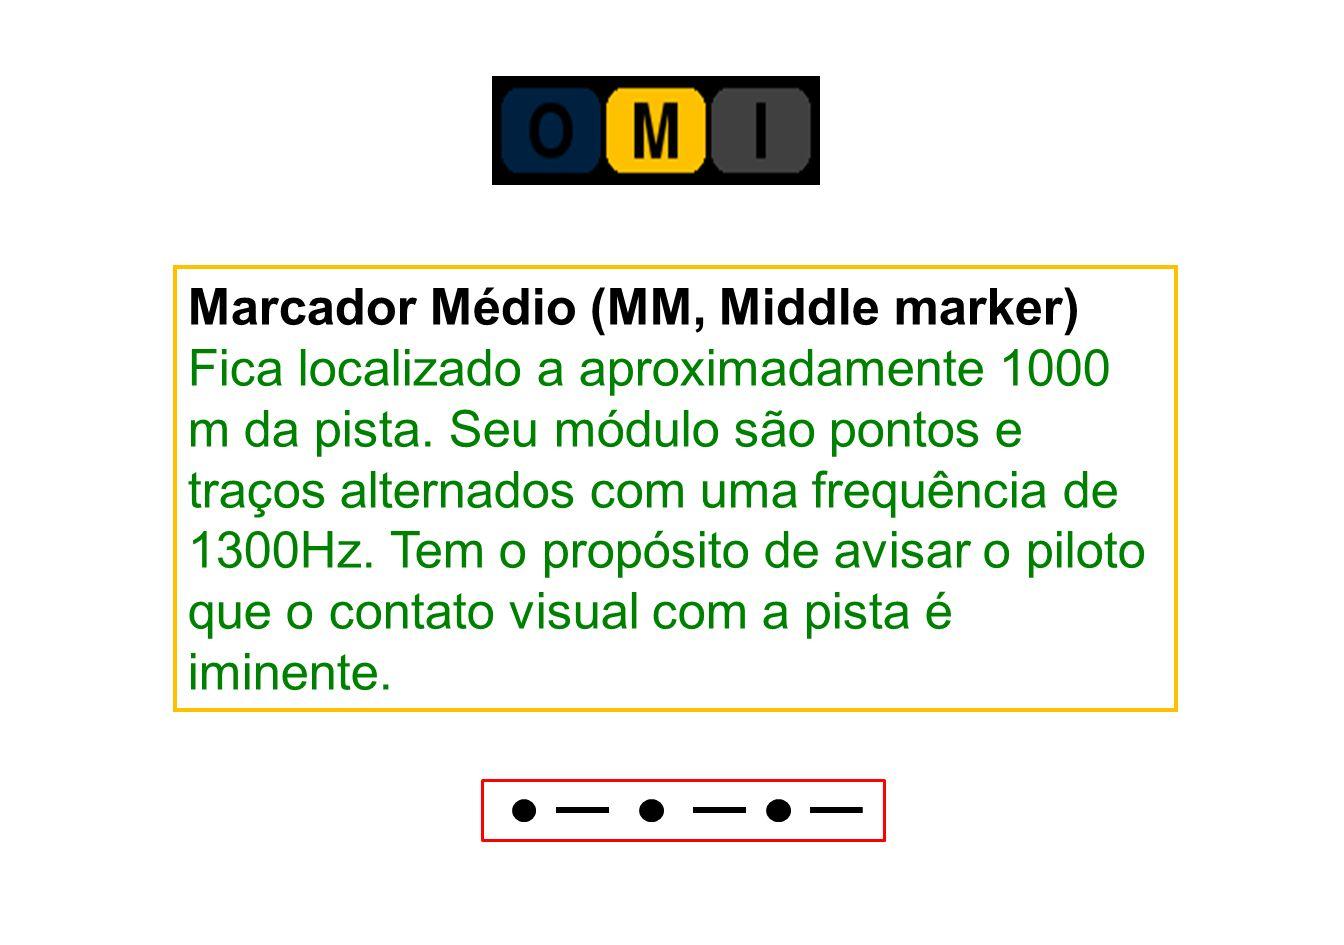 Marcador Médio (MM, Middle marker)